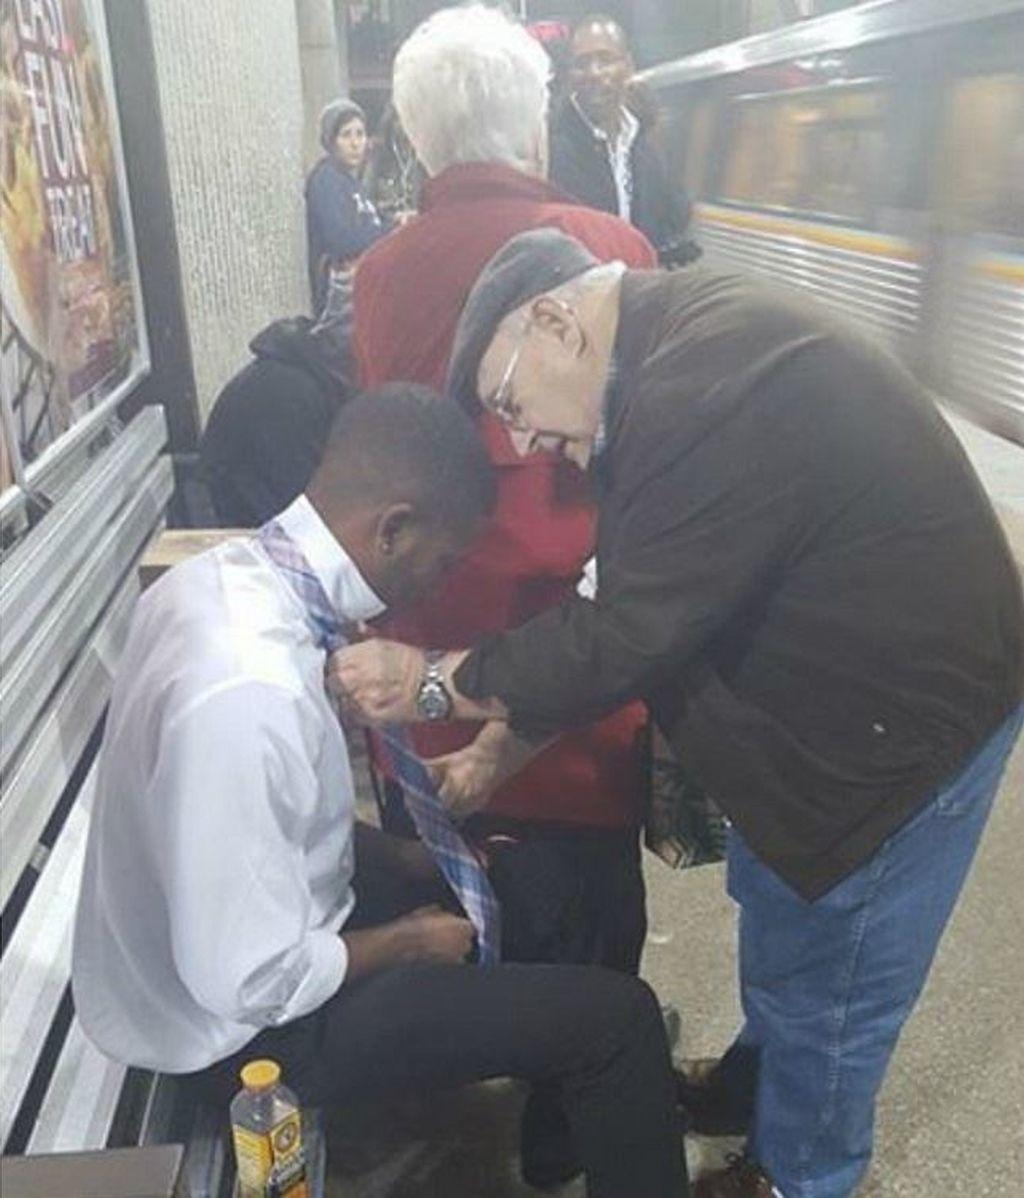 Un hombre le enseña a un joven cómo atarse una corbata en el metro